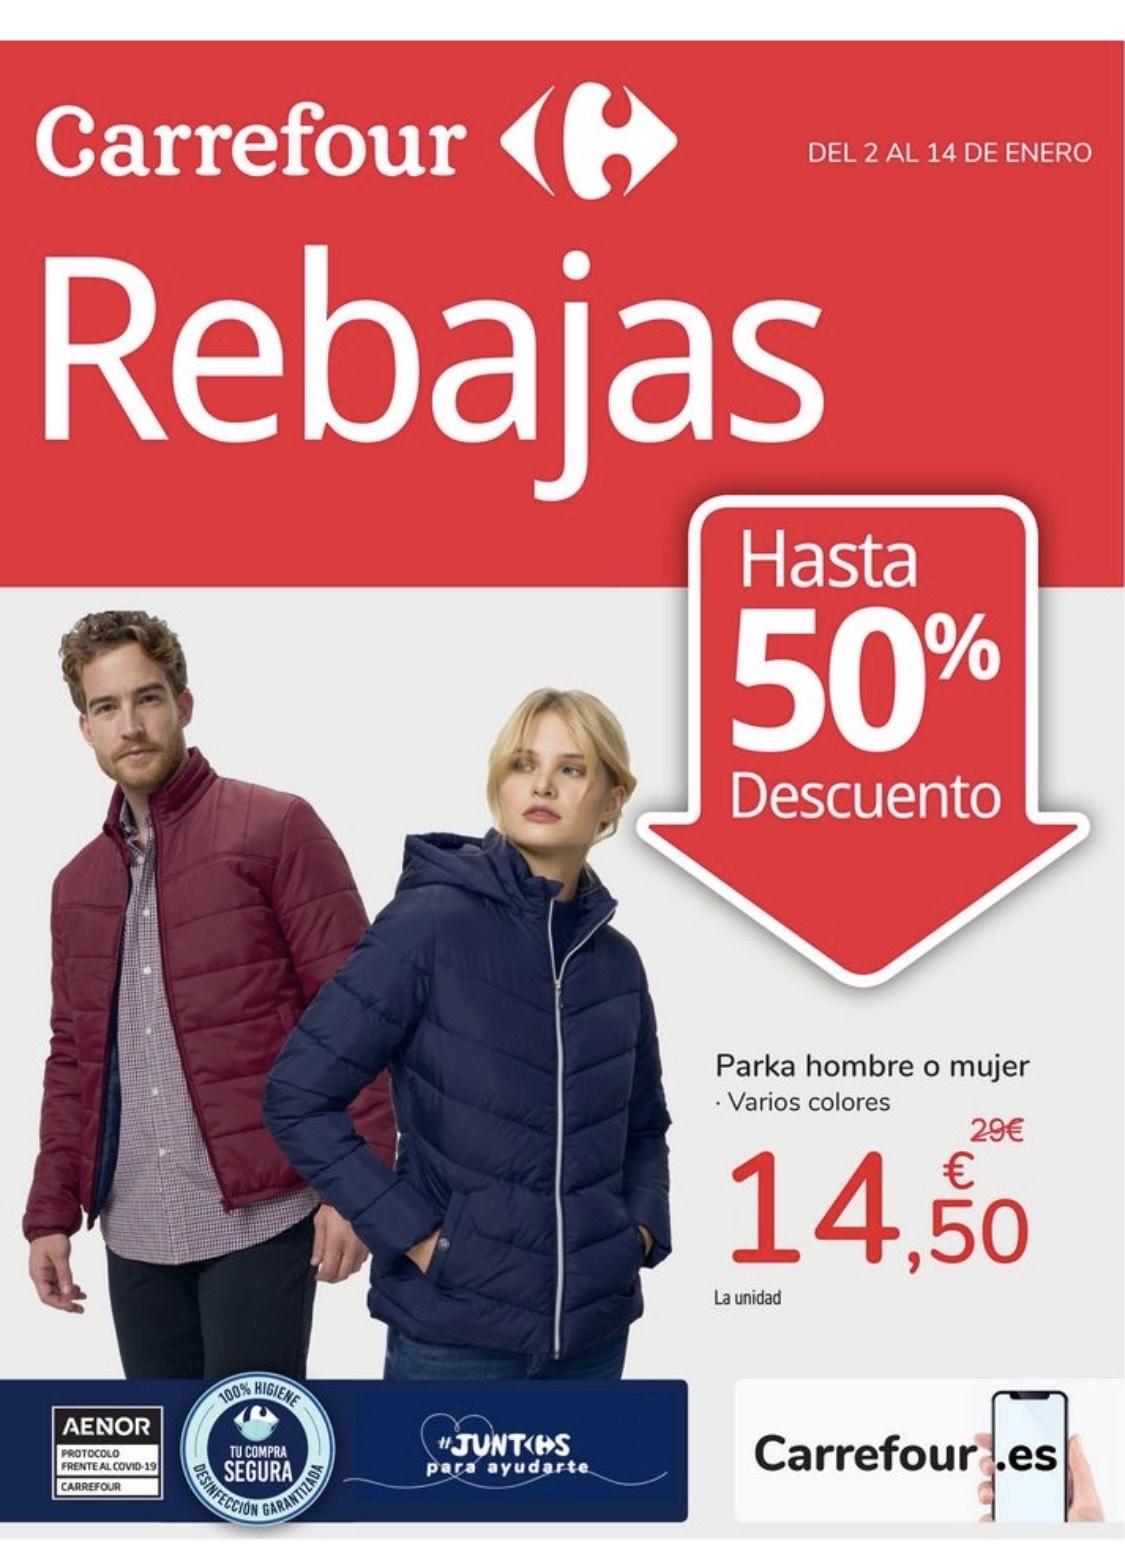 Rebajas en Carrefour hasta el 50%, en hombre, mujer, bebé y niñ@